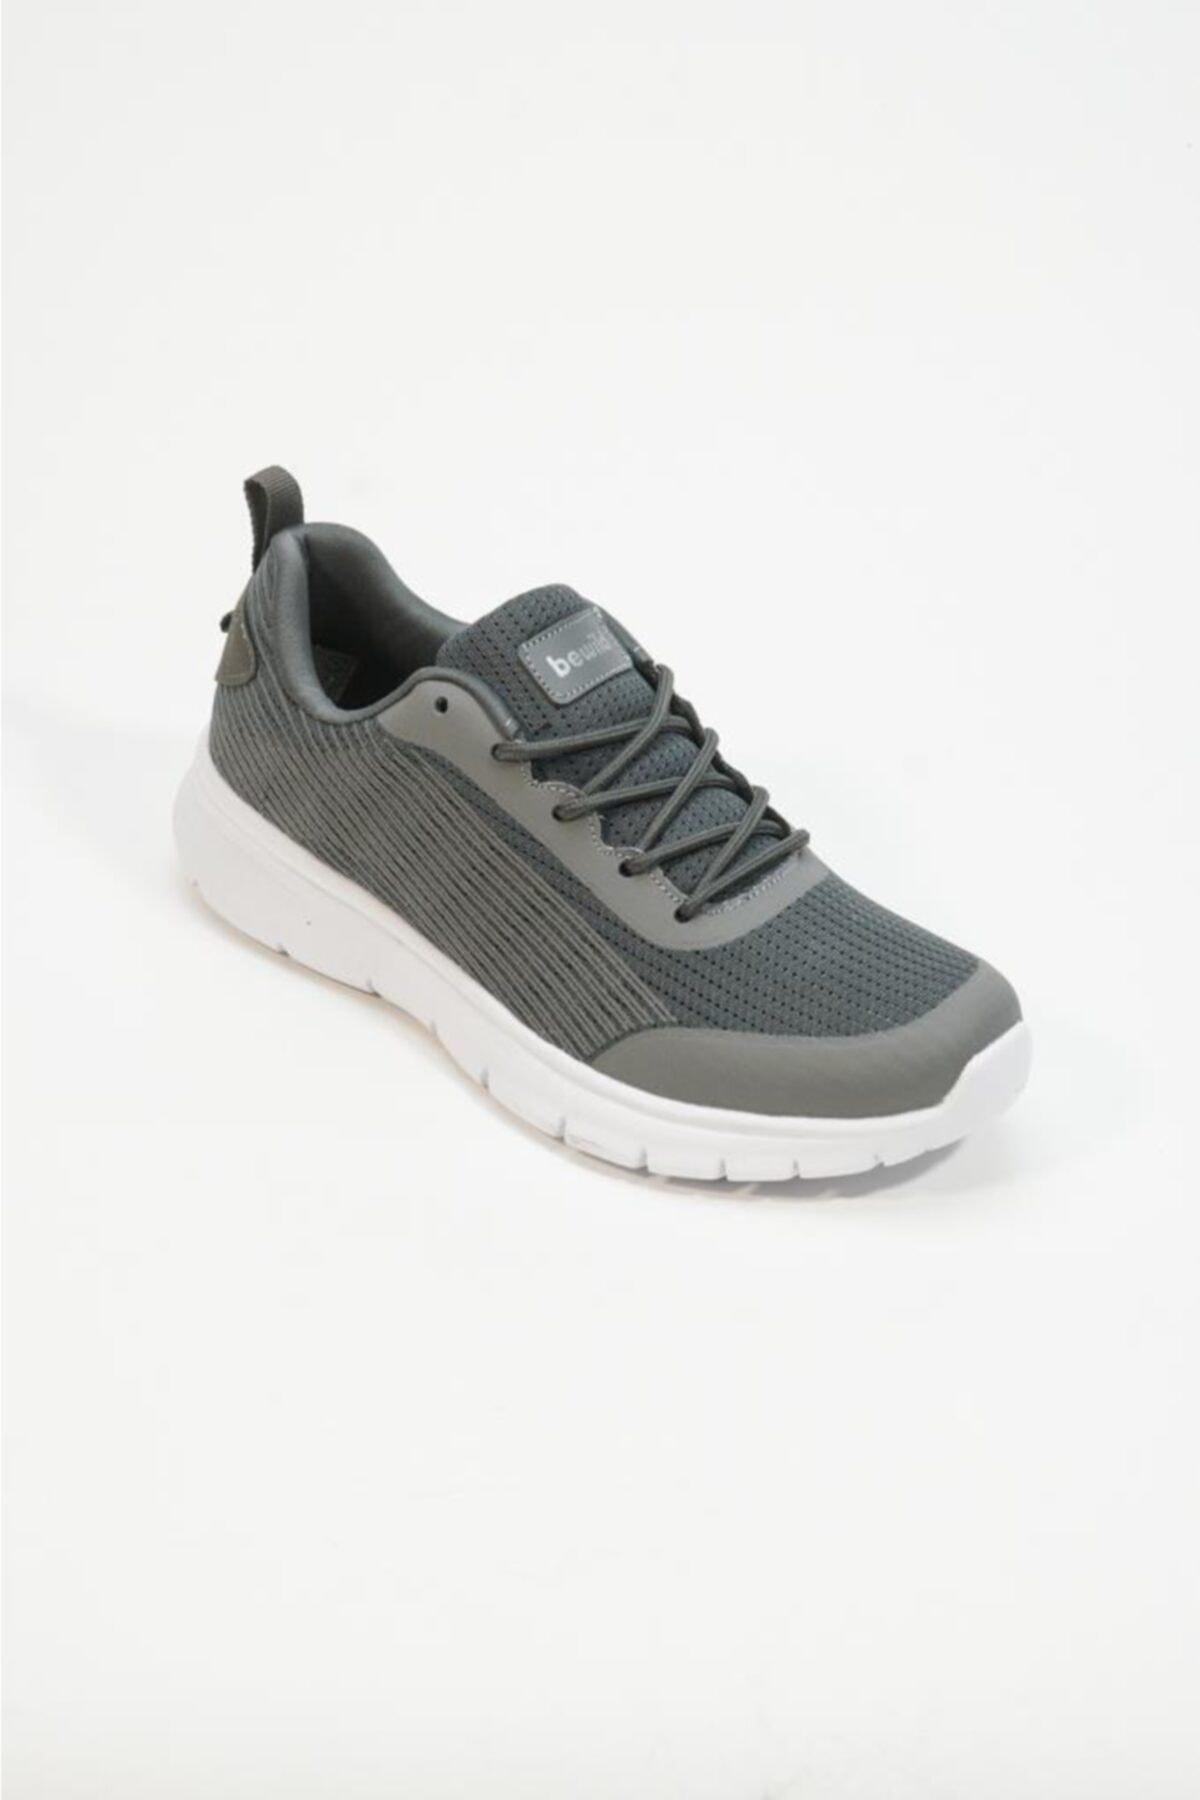 Bewild M20003 Füme Erkek Spor Ayakkabı 1